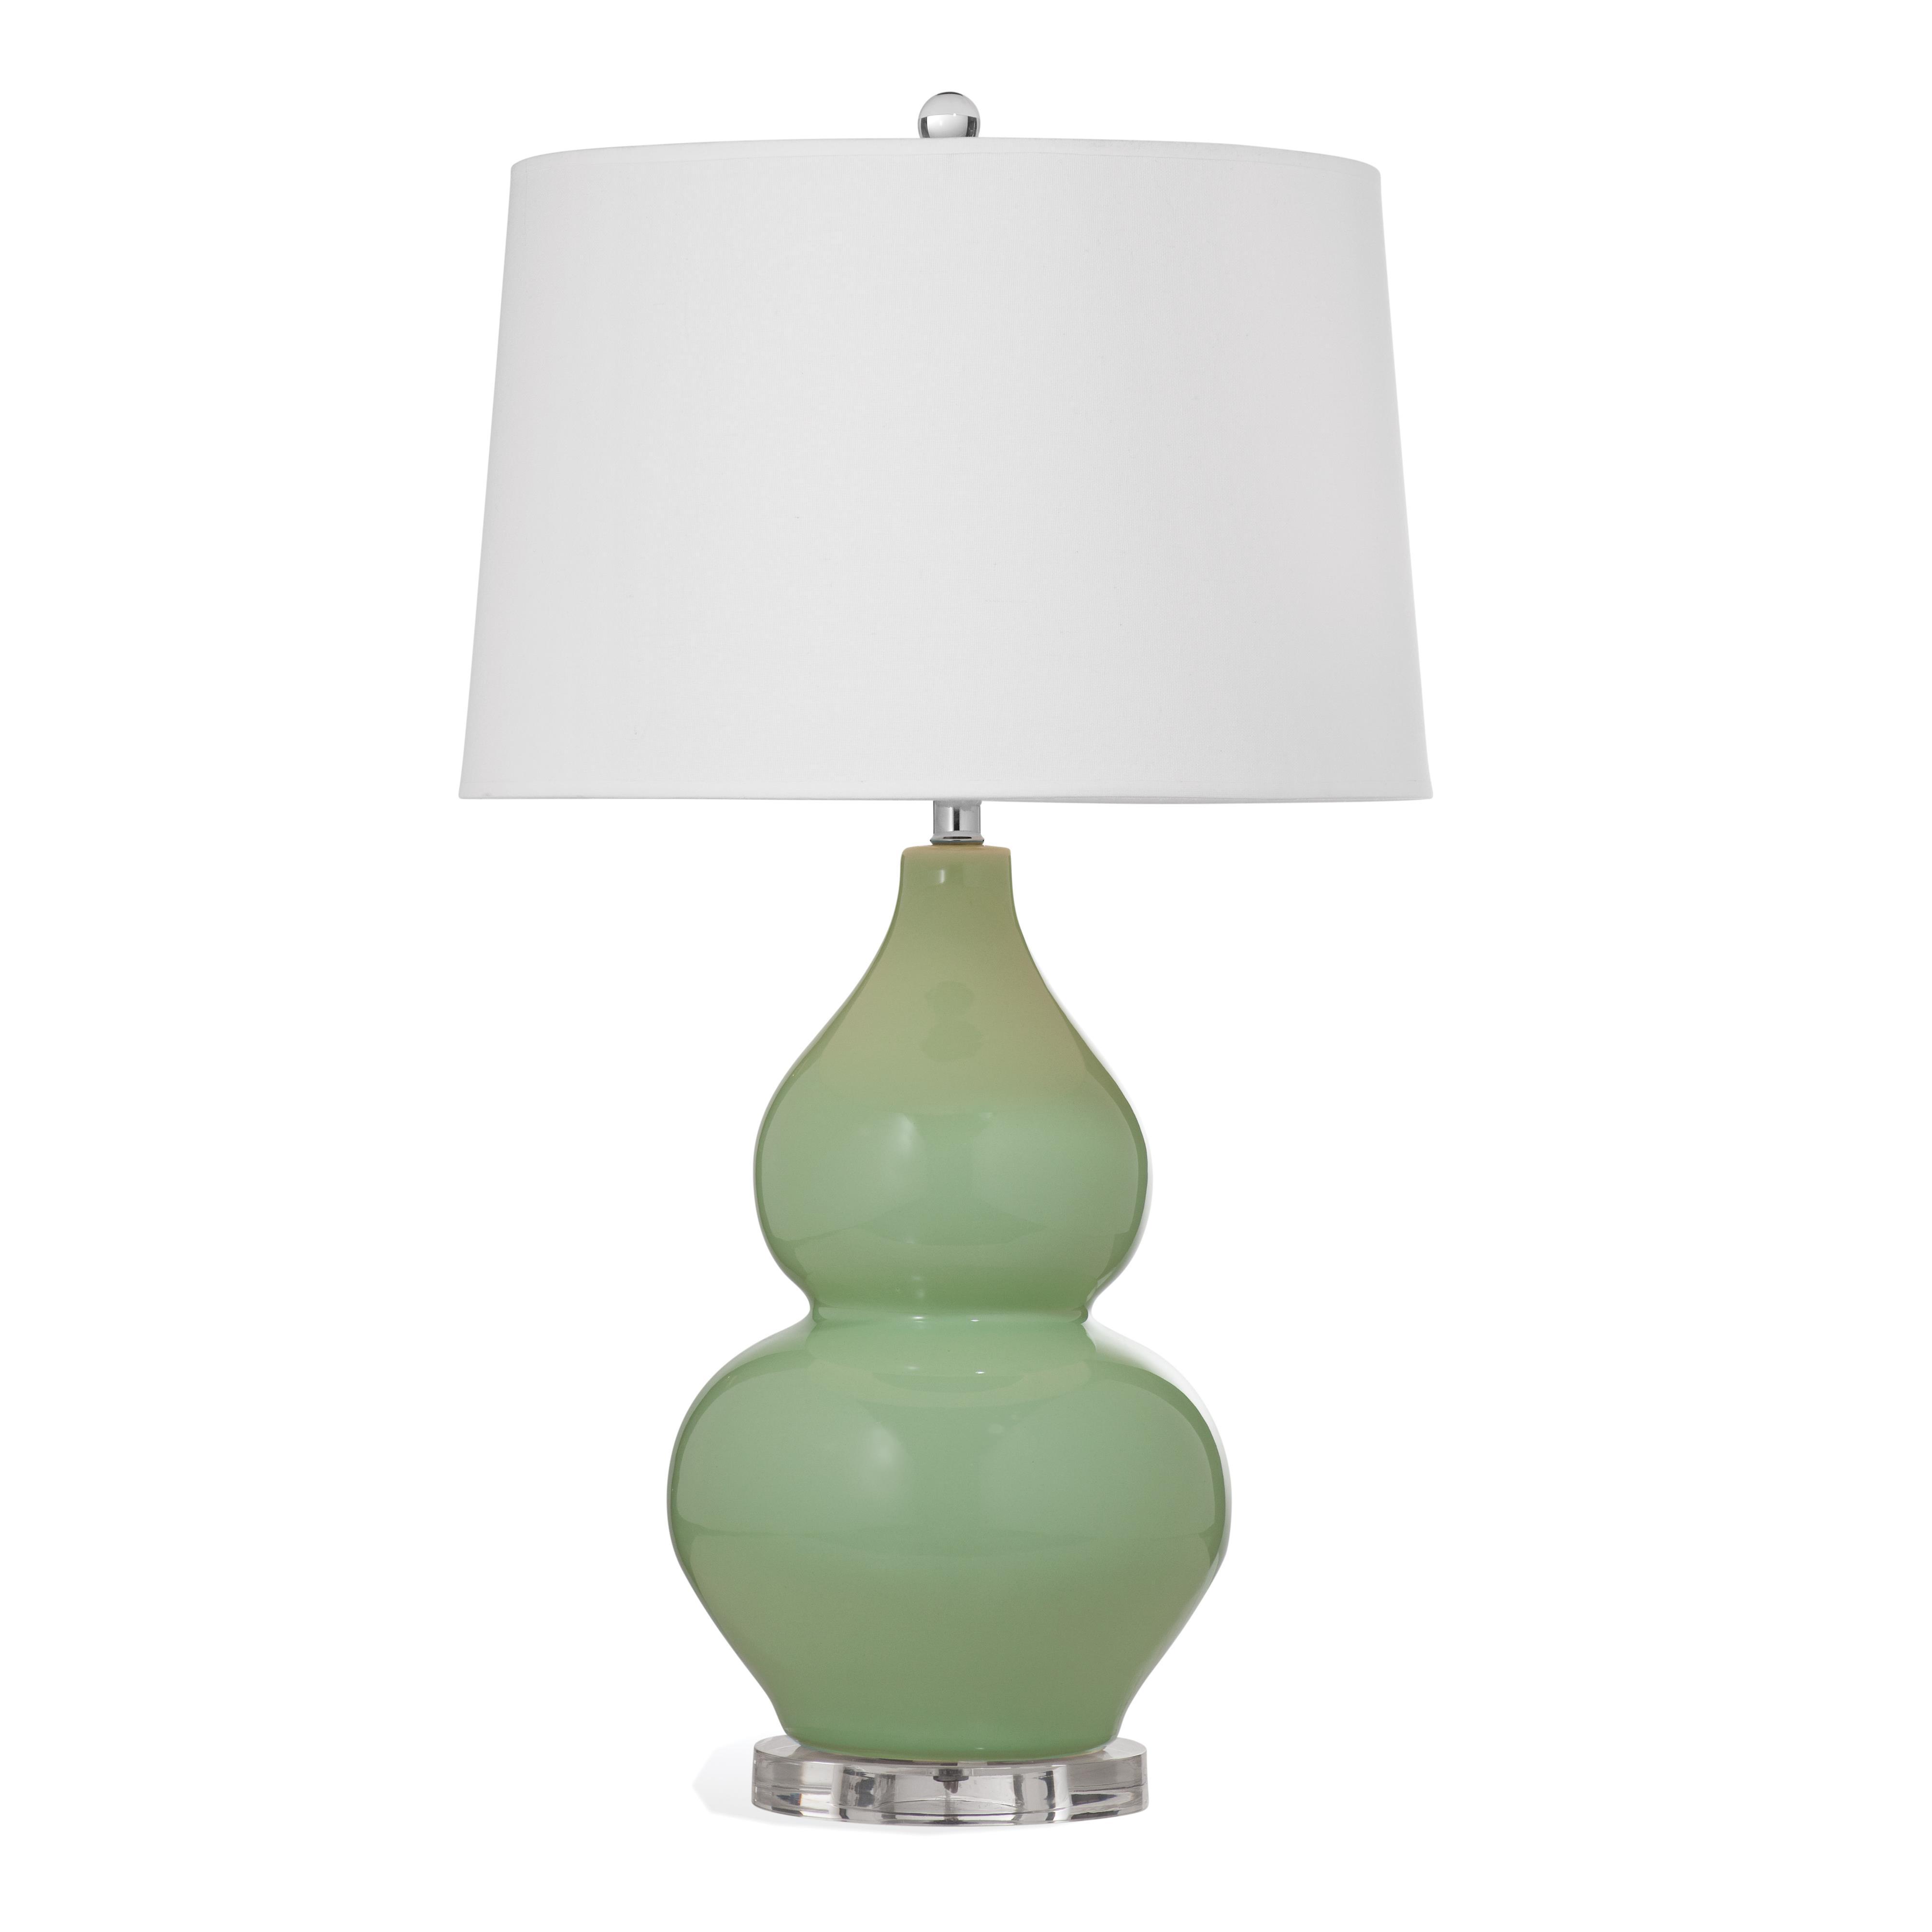 Eagan Table Lamp